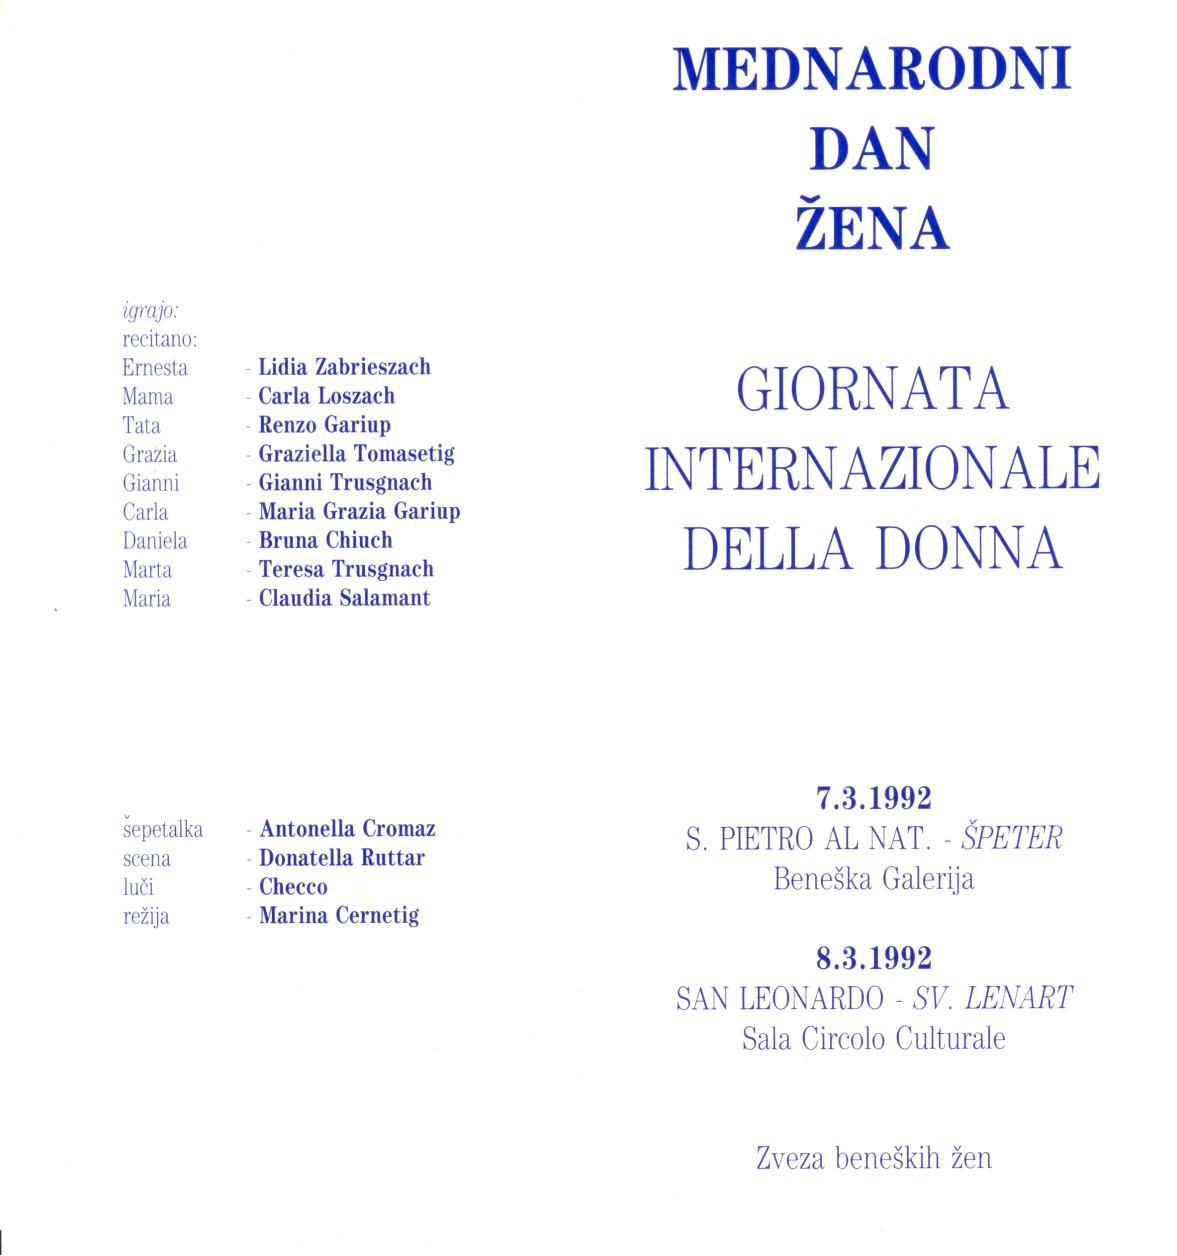 1992 - Kaki Cajti - Foglio di sala 1